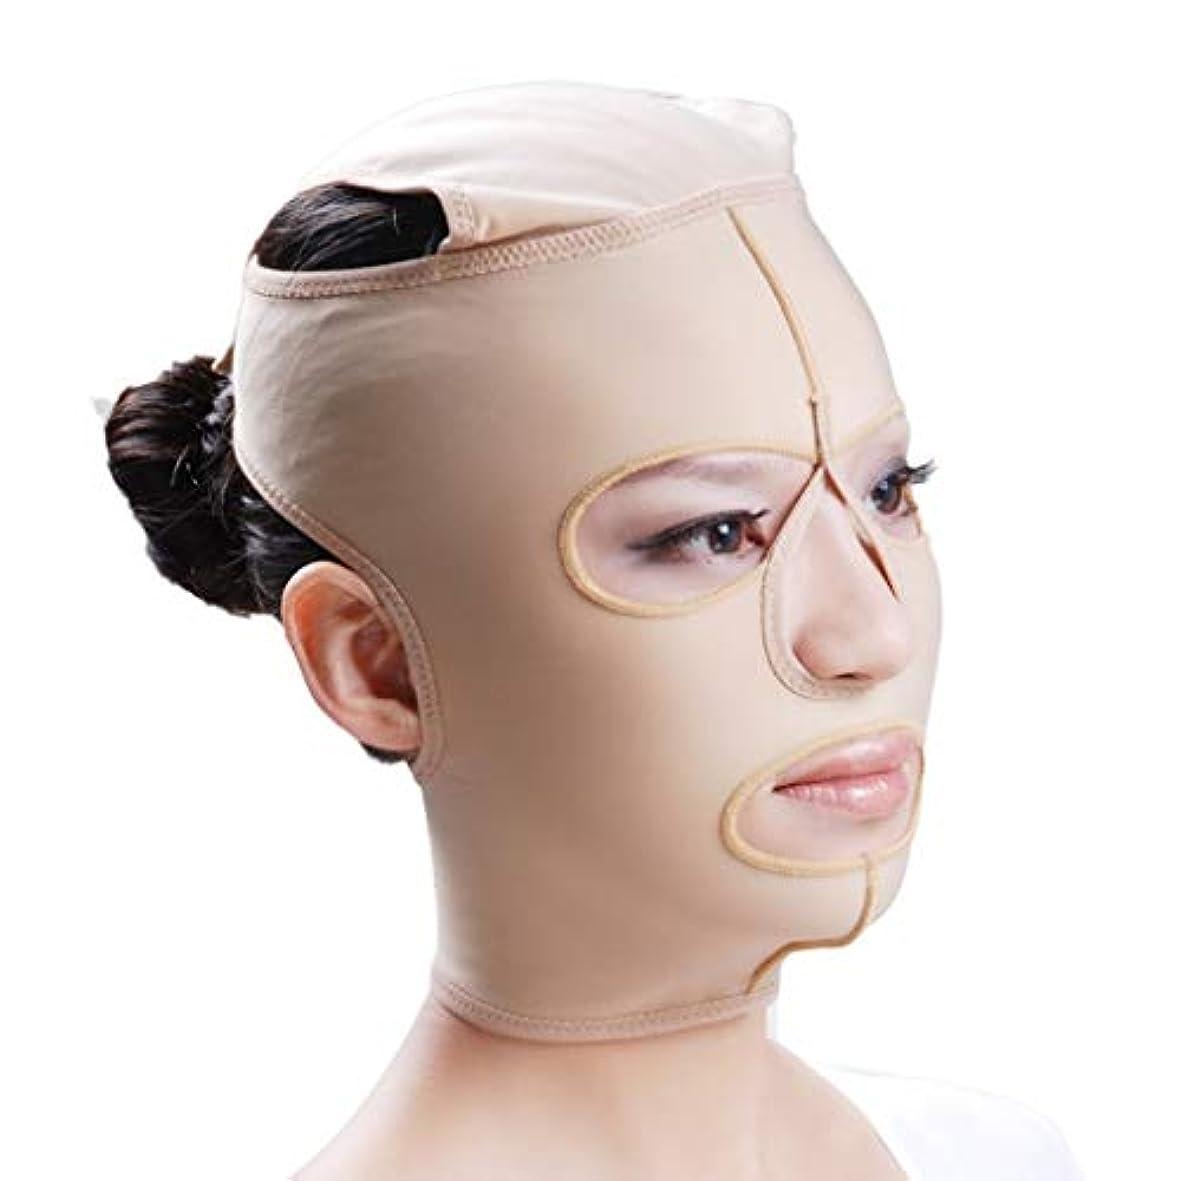 他に以下増強フェイスリフトマスク、フルフェイスマスク後の顔の脂肪吸引医療グレードの圧力顔ダブルチンプラスチック脂肪吸引弾性包帯ヘッドギアマルチコードオプション (Size : S)